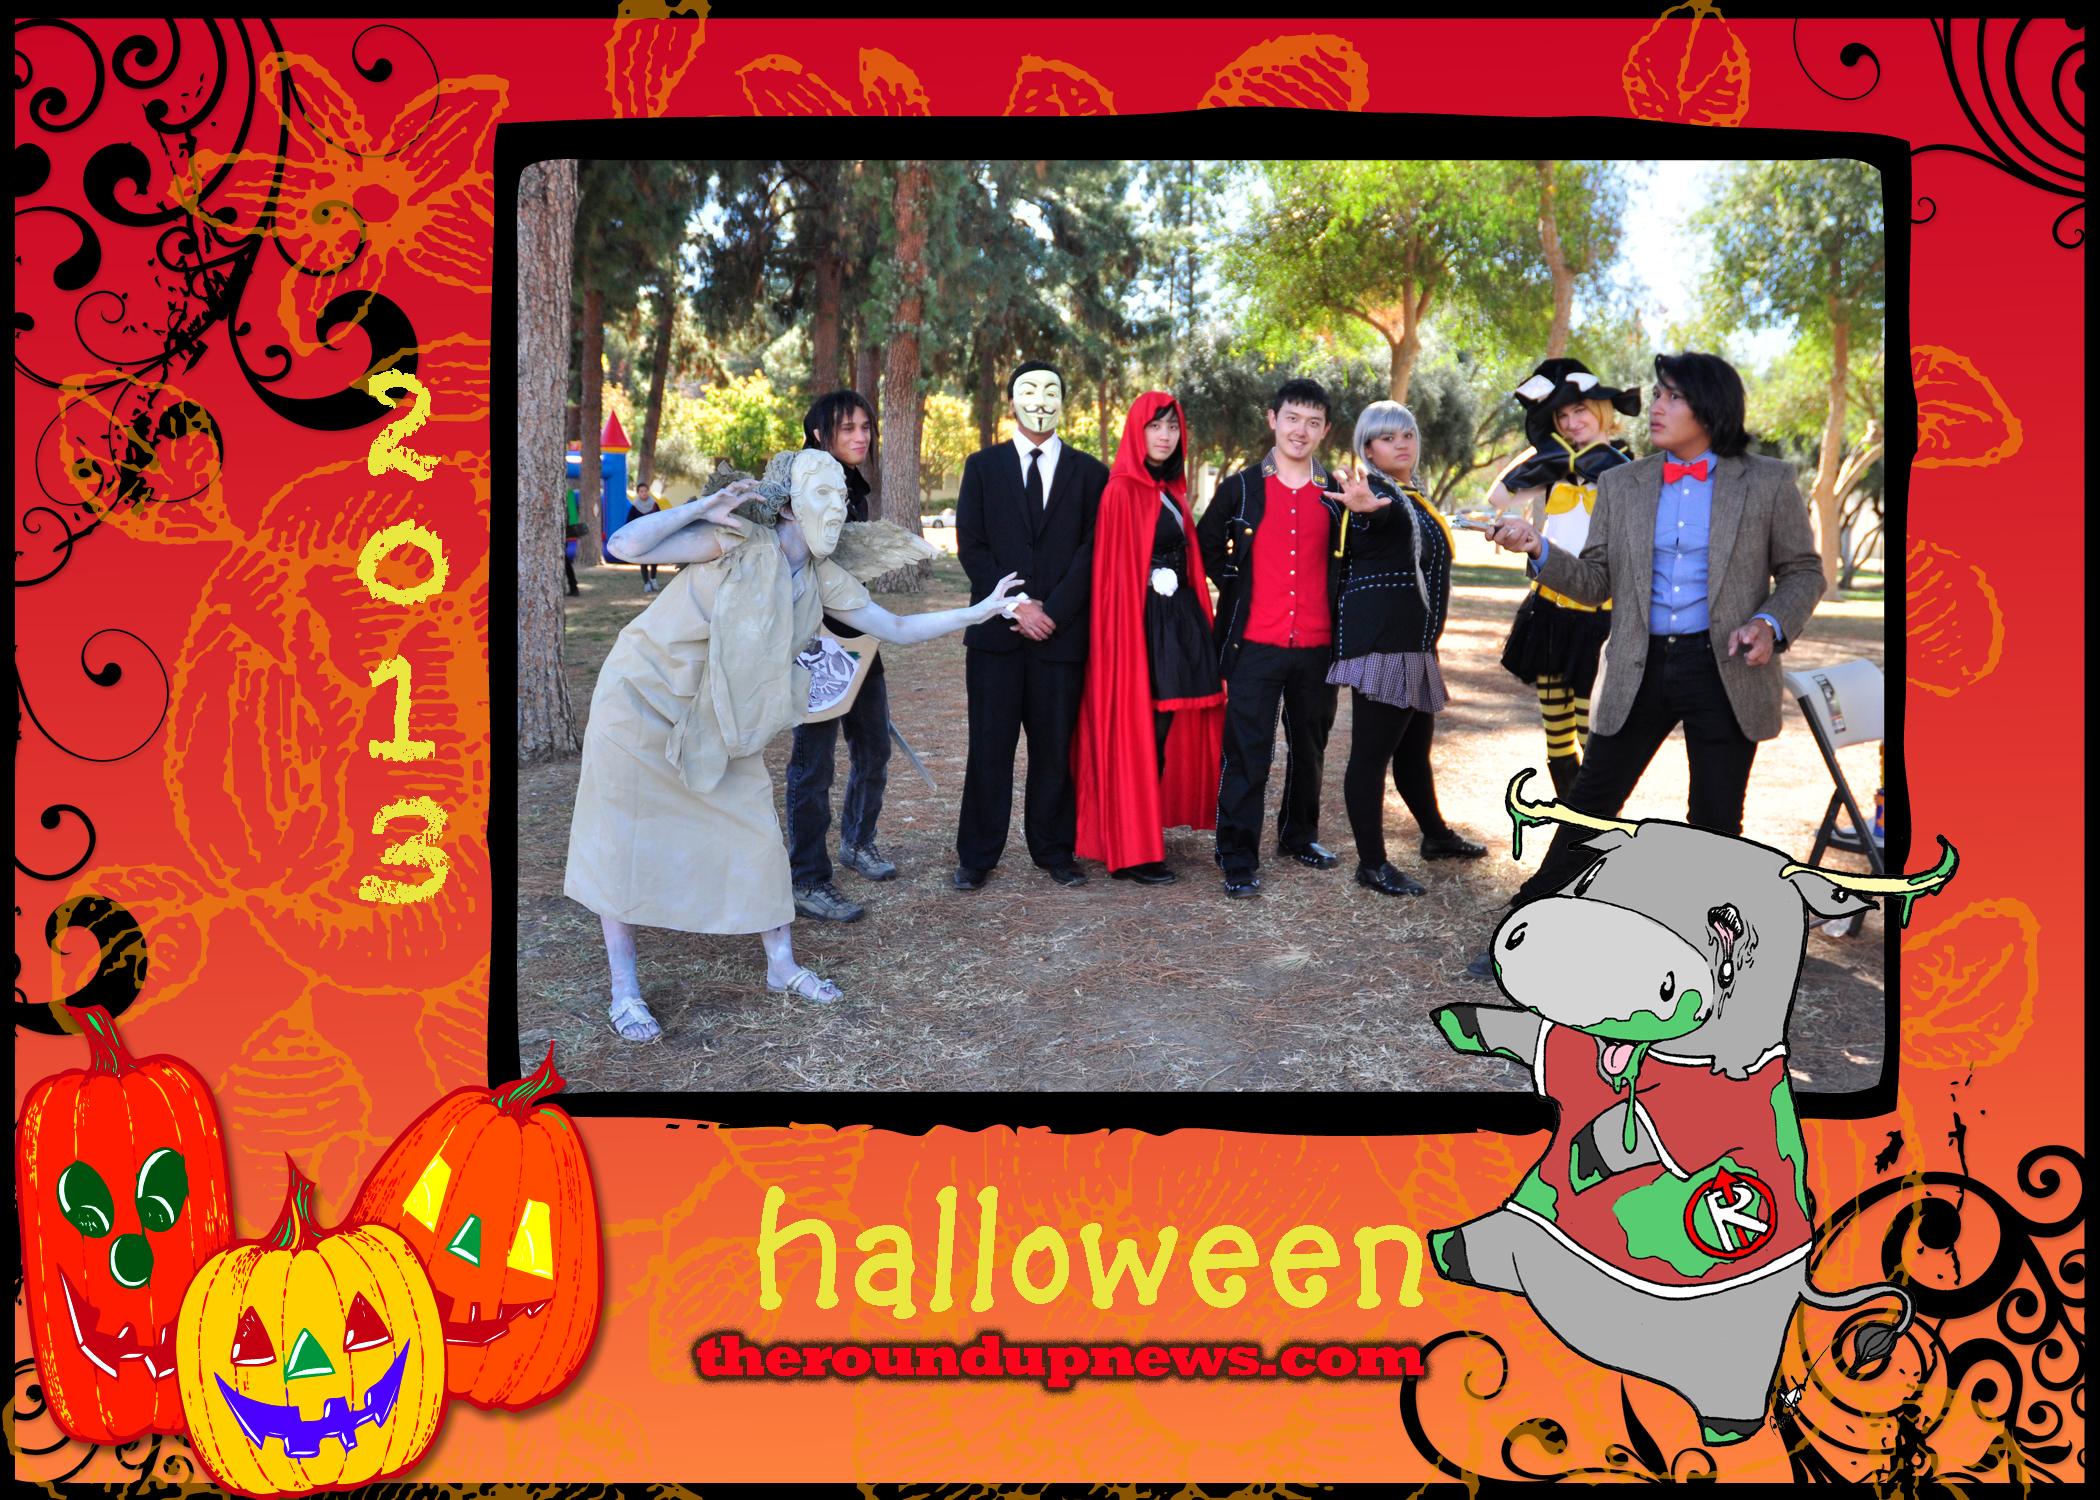 Clubs host annual Halloween Carnival fundraiser